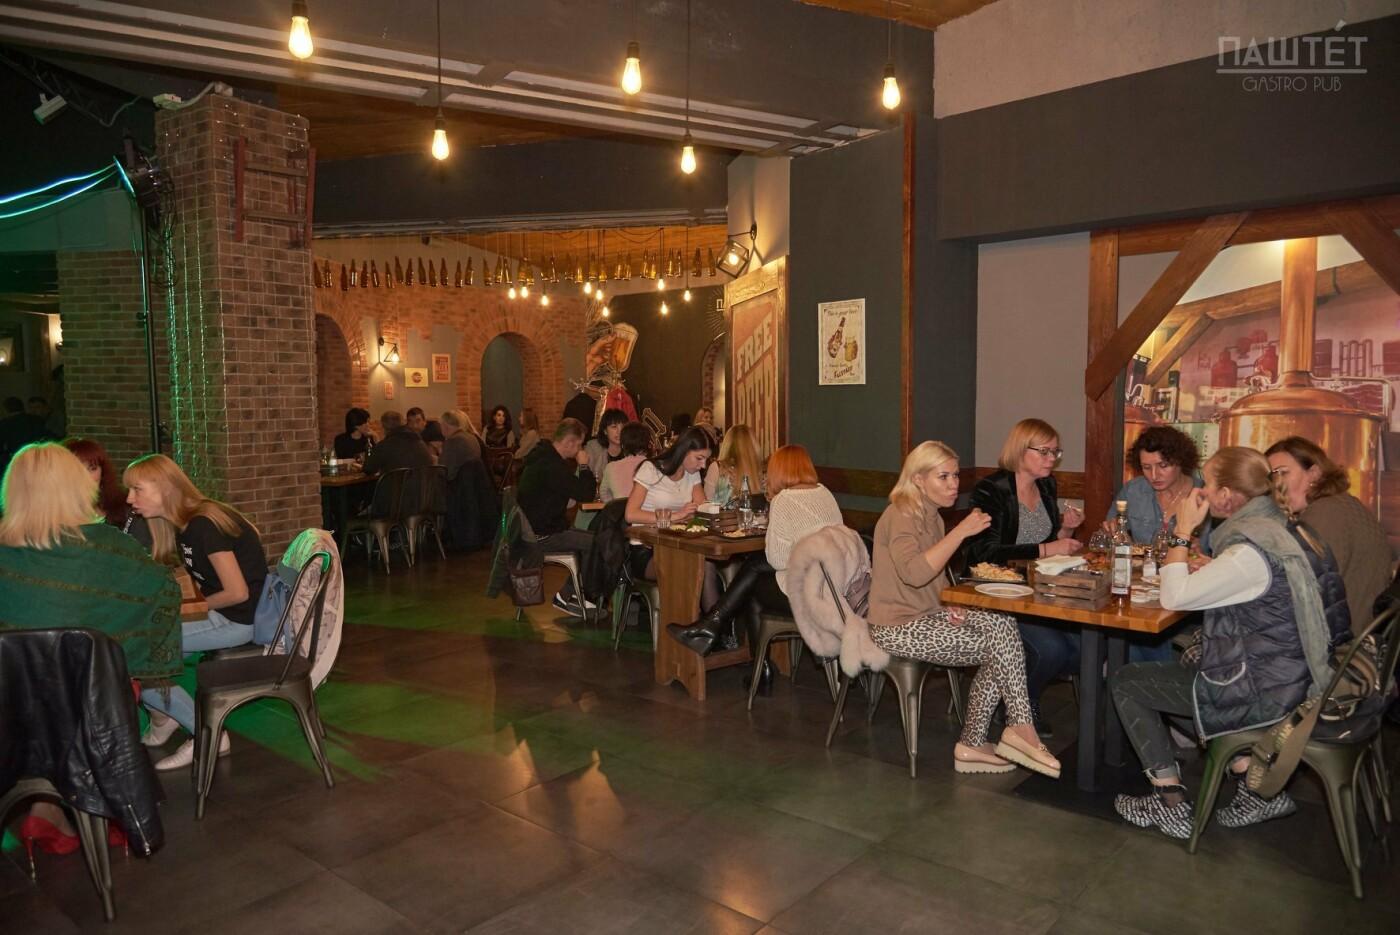 «Ну что, по пиву?»: 5 пабов Северодонецка где можно отдохнуть с друзьями, фото-3